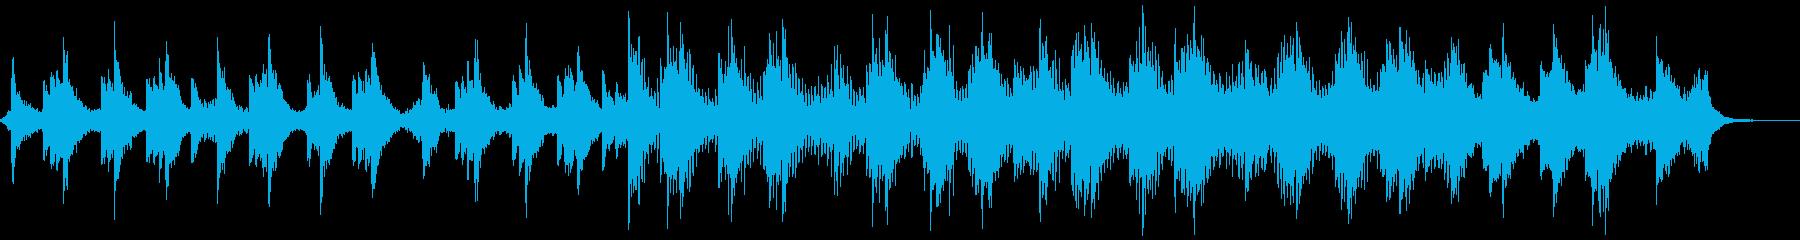 KANT遠い悲しみ系BGMの再生済みの波形